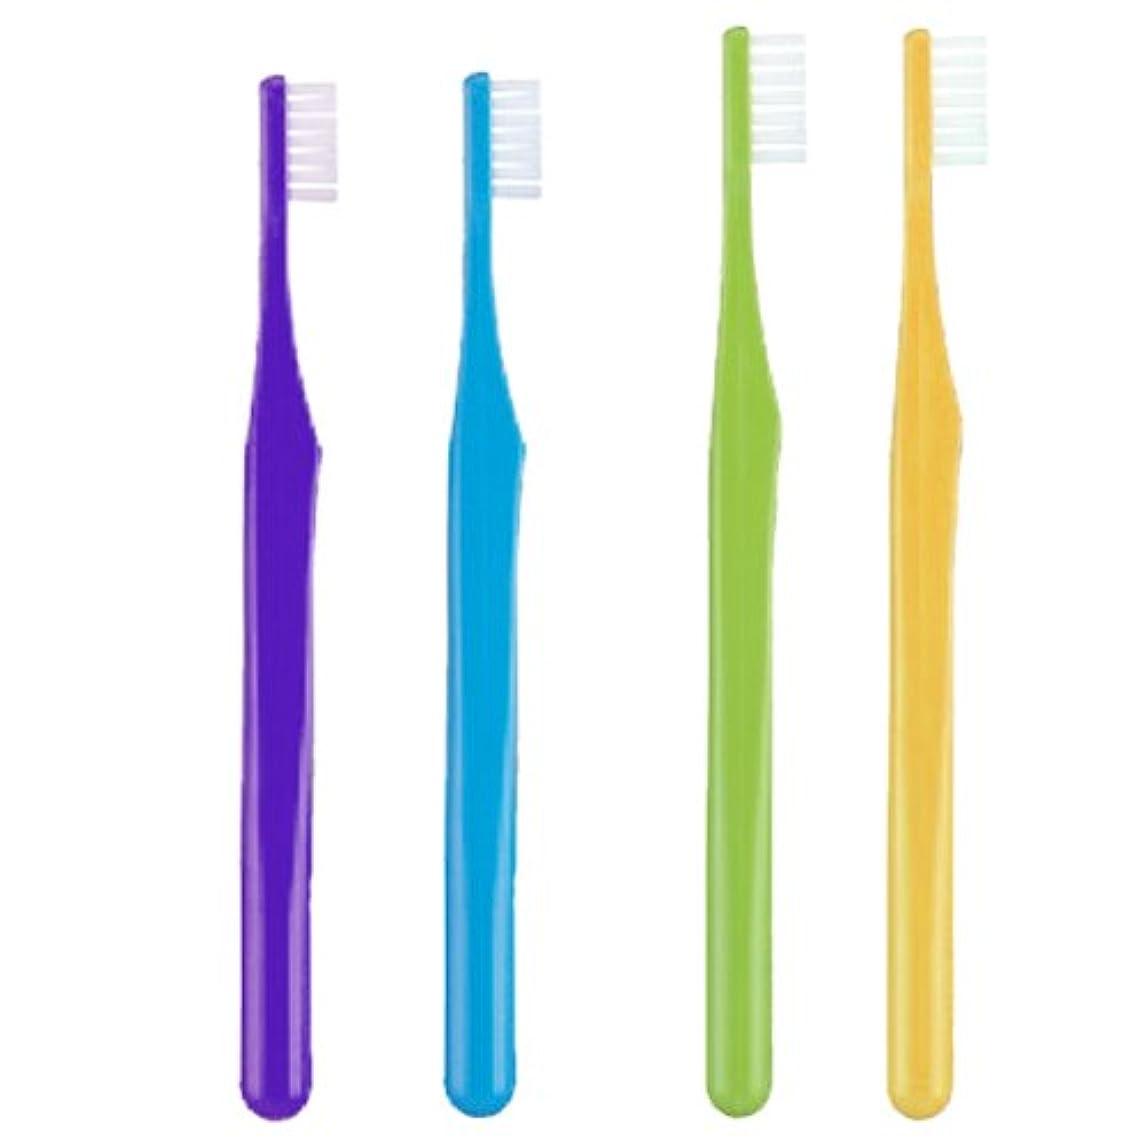 慈悲深い進化学者プロスペックプラス歯ブラシ1本タイニー/スモール (タイニー)